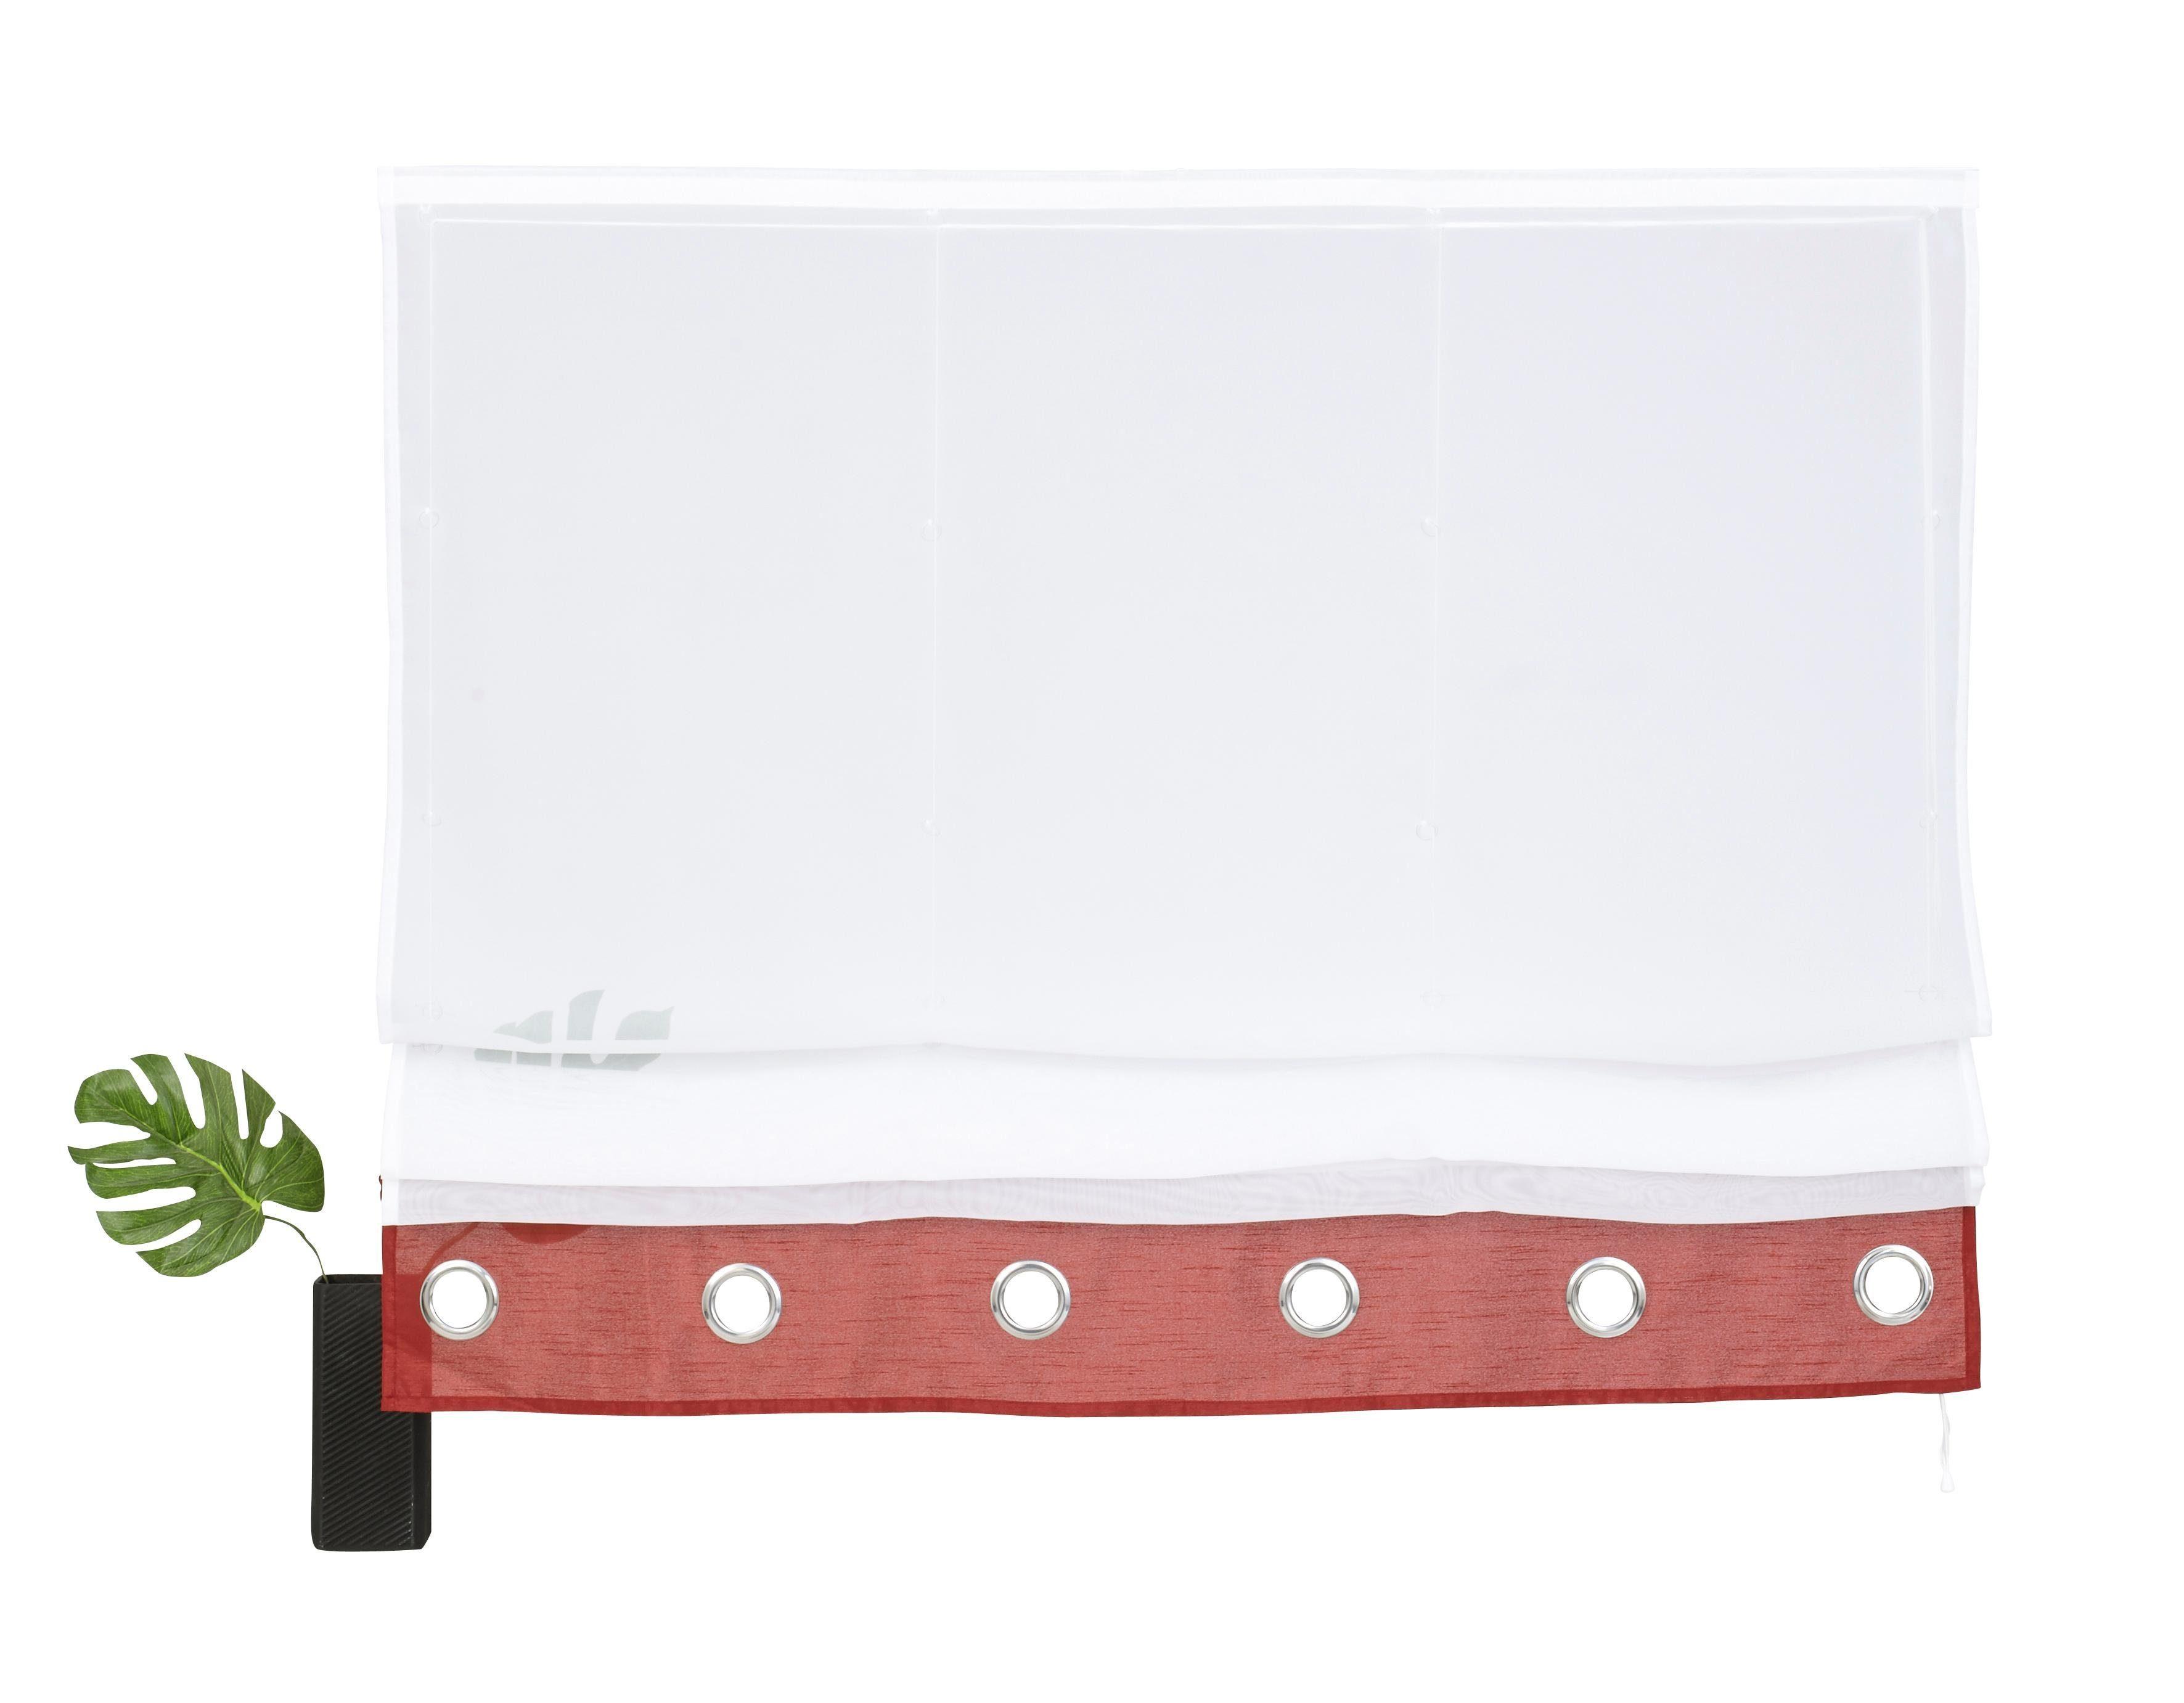 raffrollo rot preisvergleich die besten angebote online kaufen. Black Bedroom Furniture Sets. Home Design Ideas